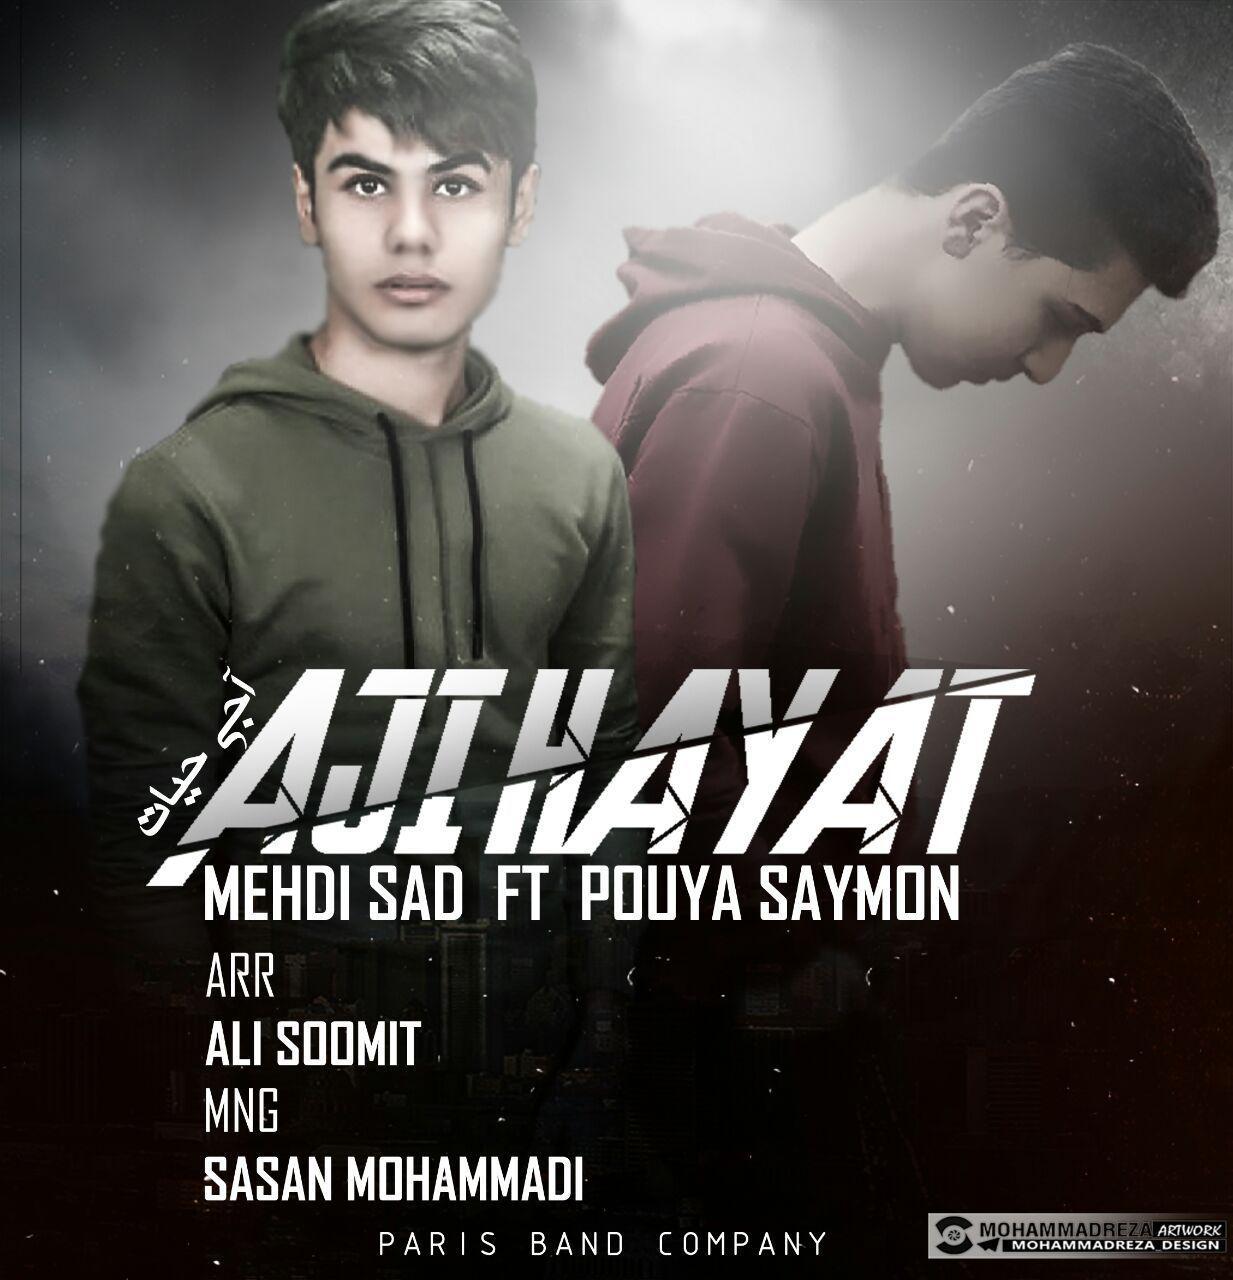 http://s9.picofile.com/file/8331150334/21Mehdi_Sad_Boy_Ft_Pouya_Saymon_Aji_Hayat.jpg